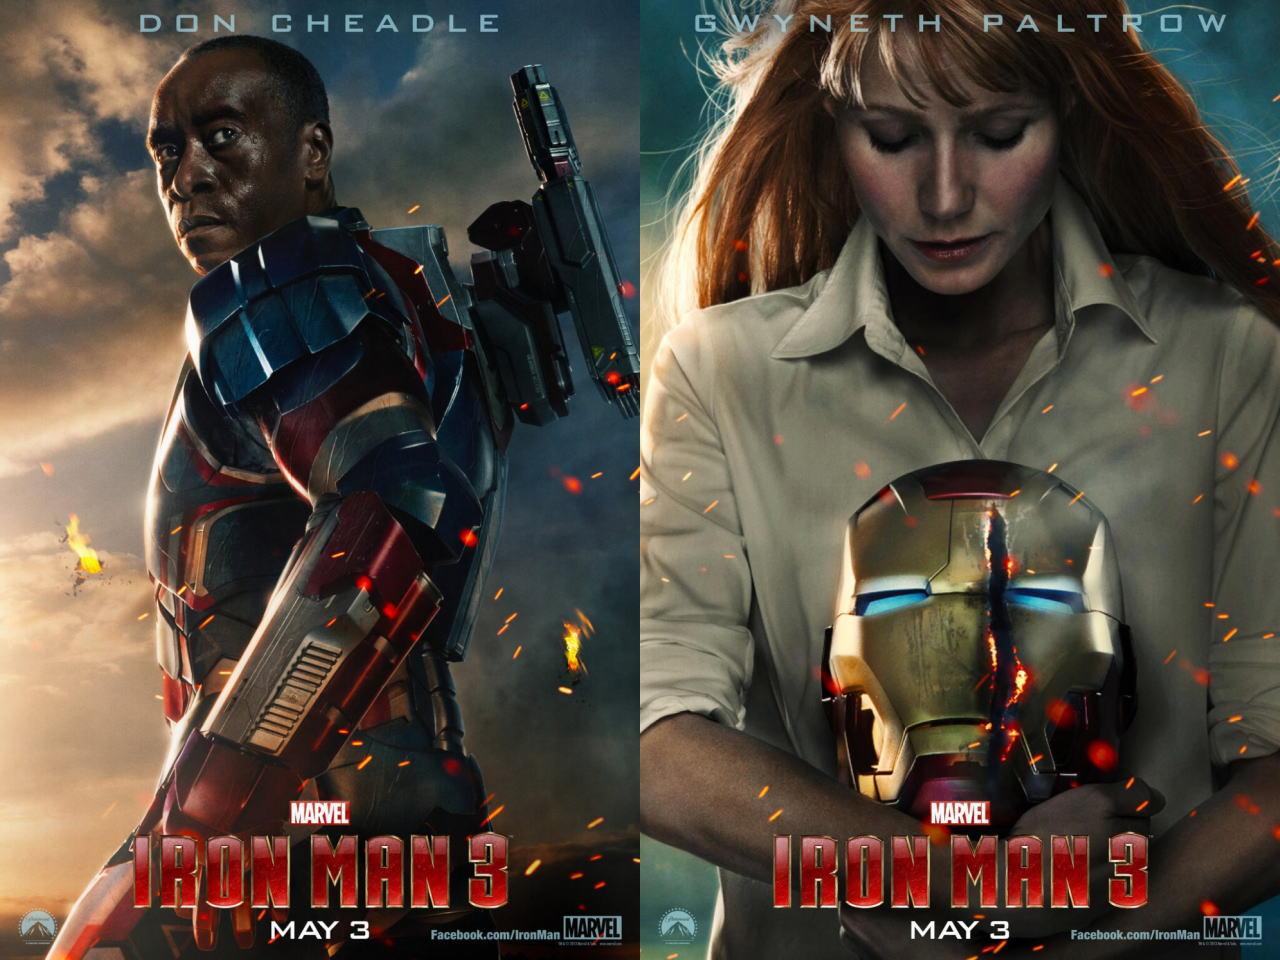 映画『アイアンマン3 (2013) IRON MAN 3』ポスター(7)▼ポスター画像クリックで拡大します。